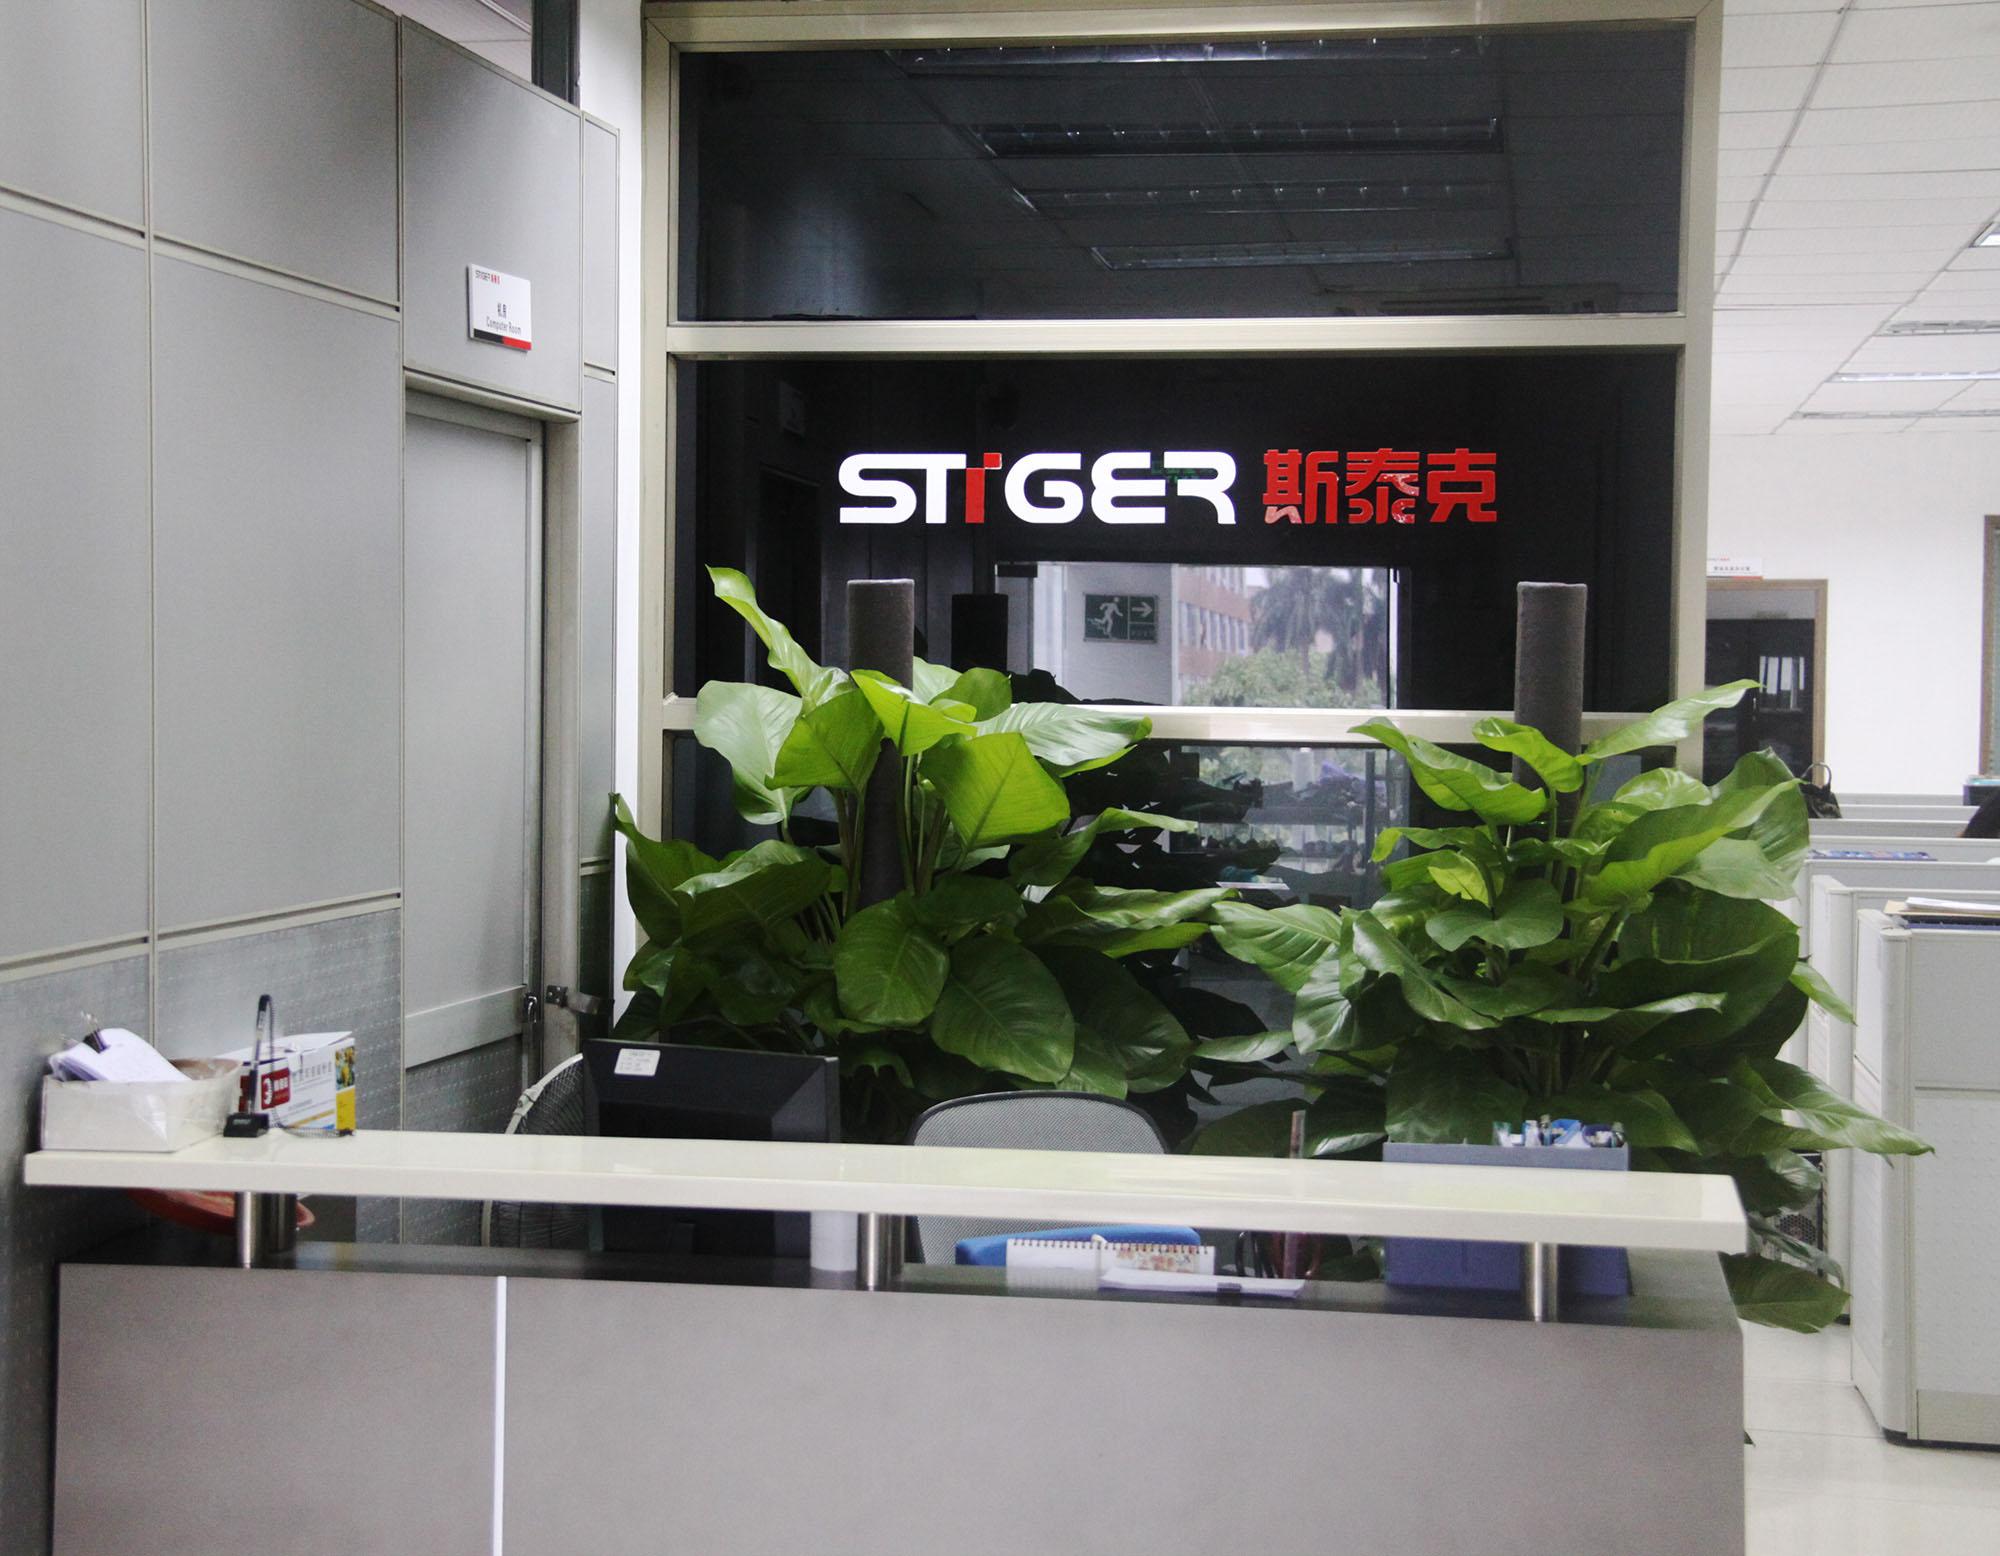 廣東斯泰克電子科技有限公司